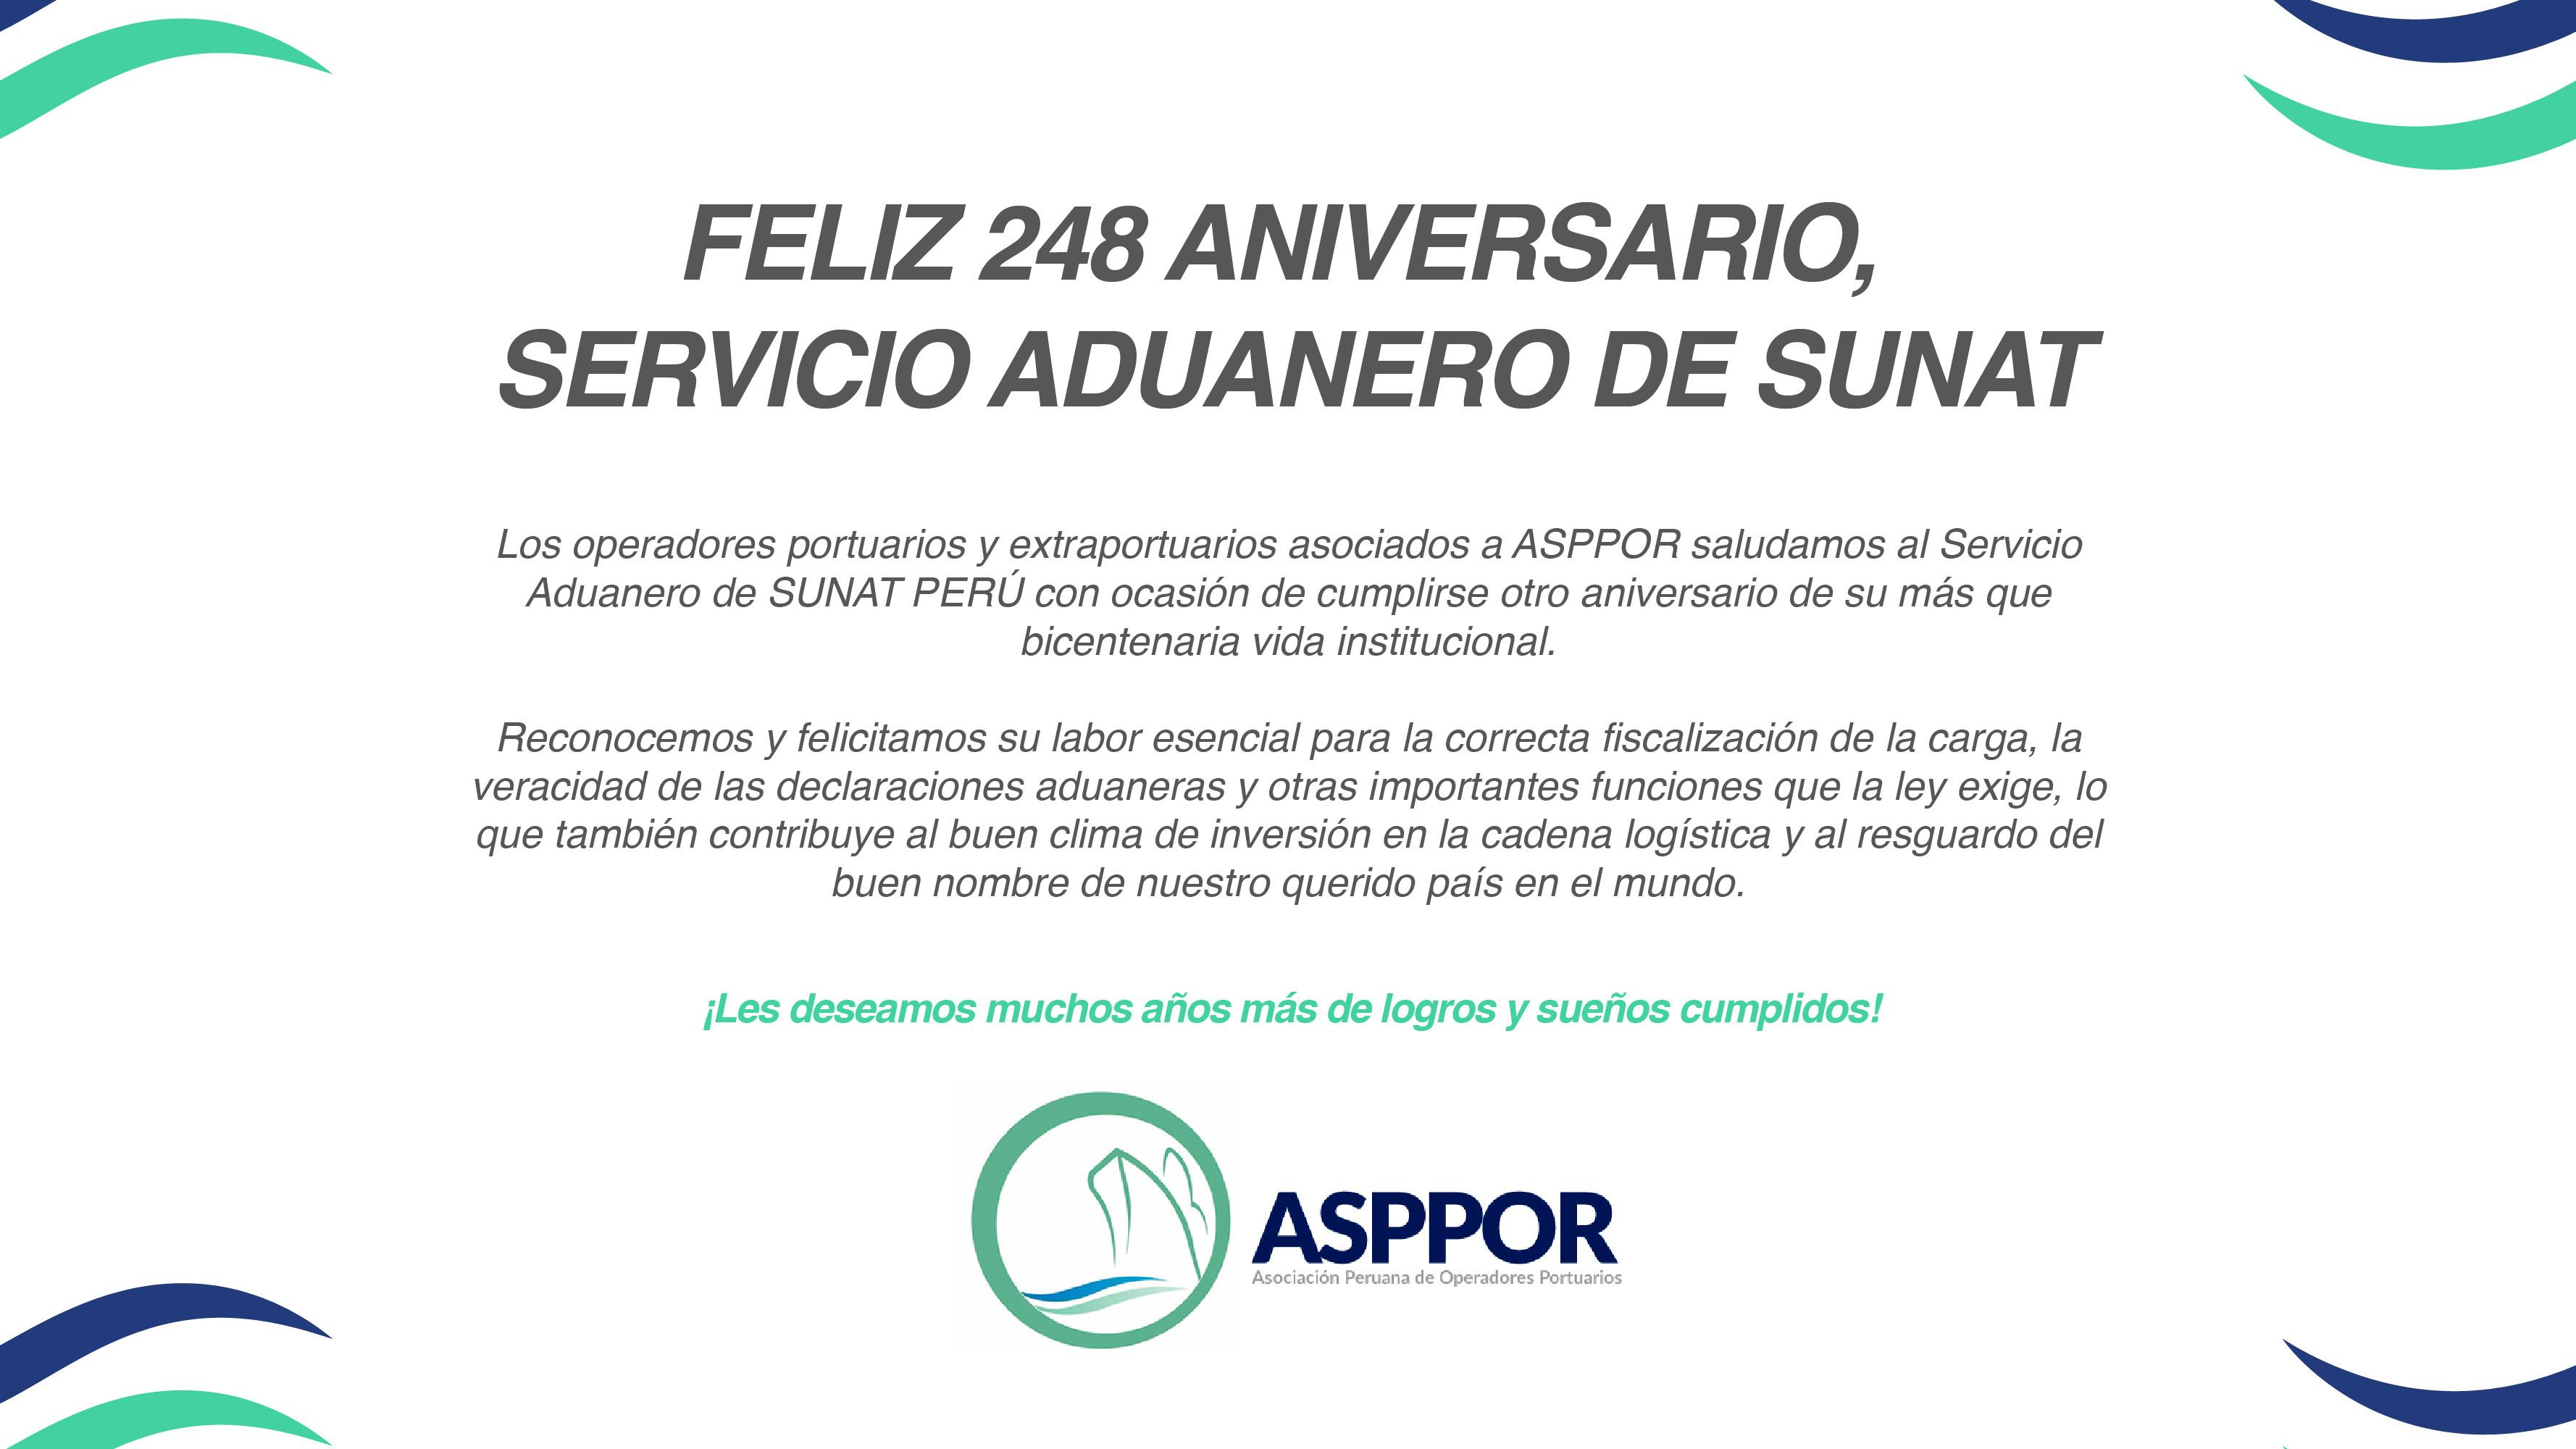 FELIZ 248 ANIVERSARIO, SERVICIO ADUANERO DE SUNAT